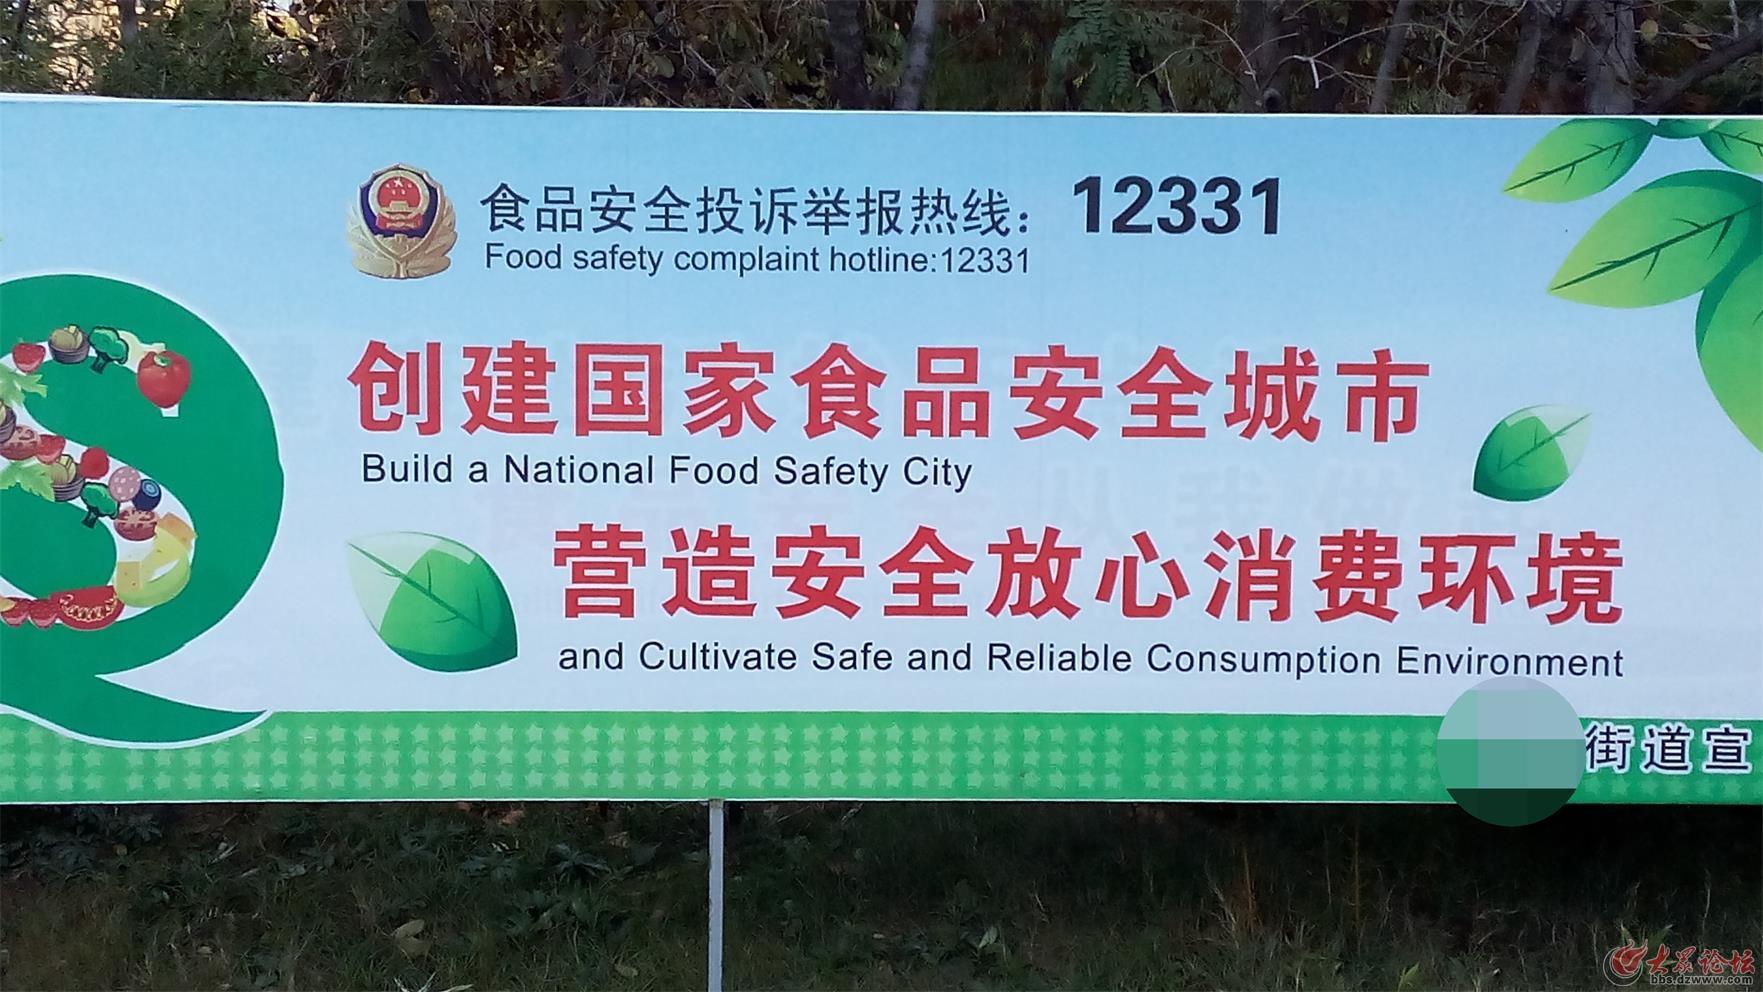 高中食品安全黑板报地址几有个塘沽-高中课题长山高中荣县高中图片